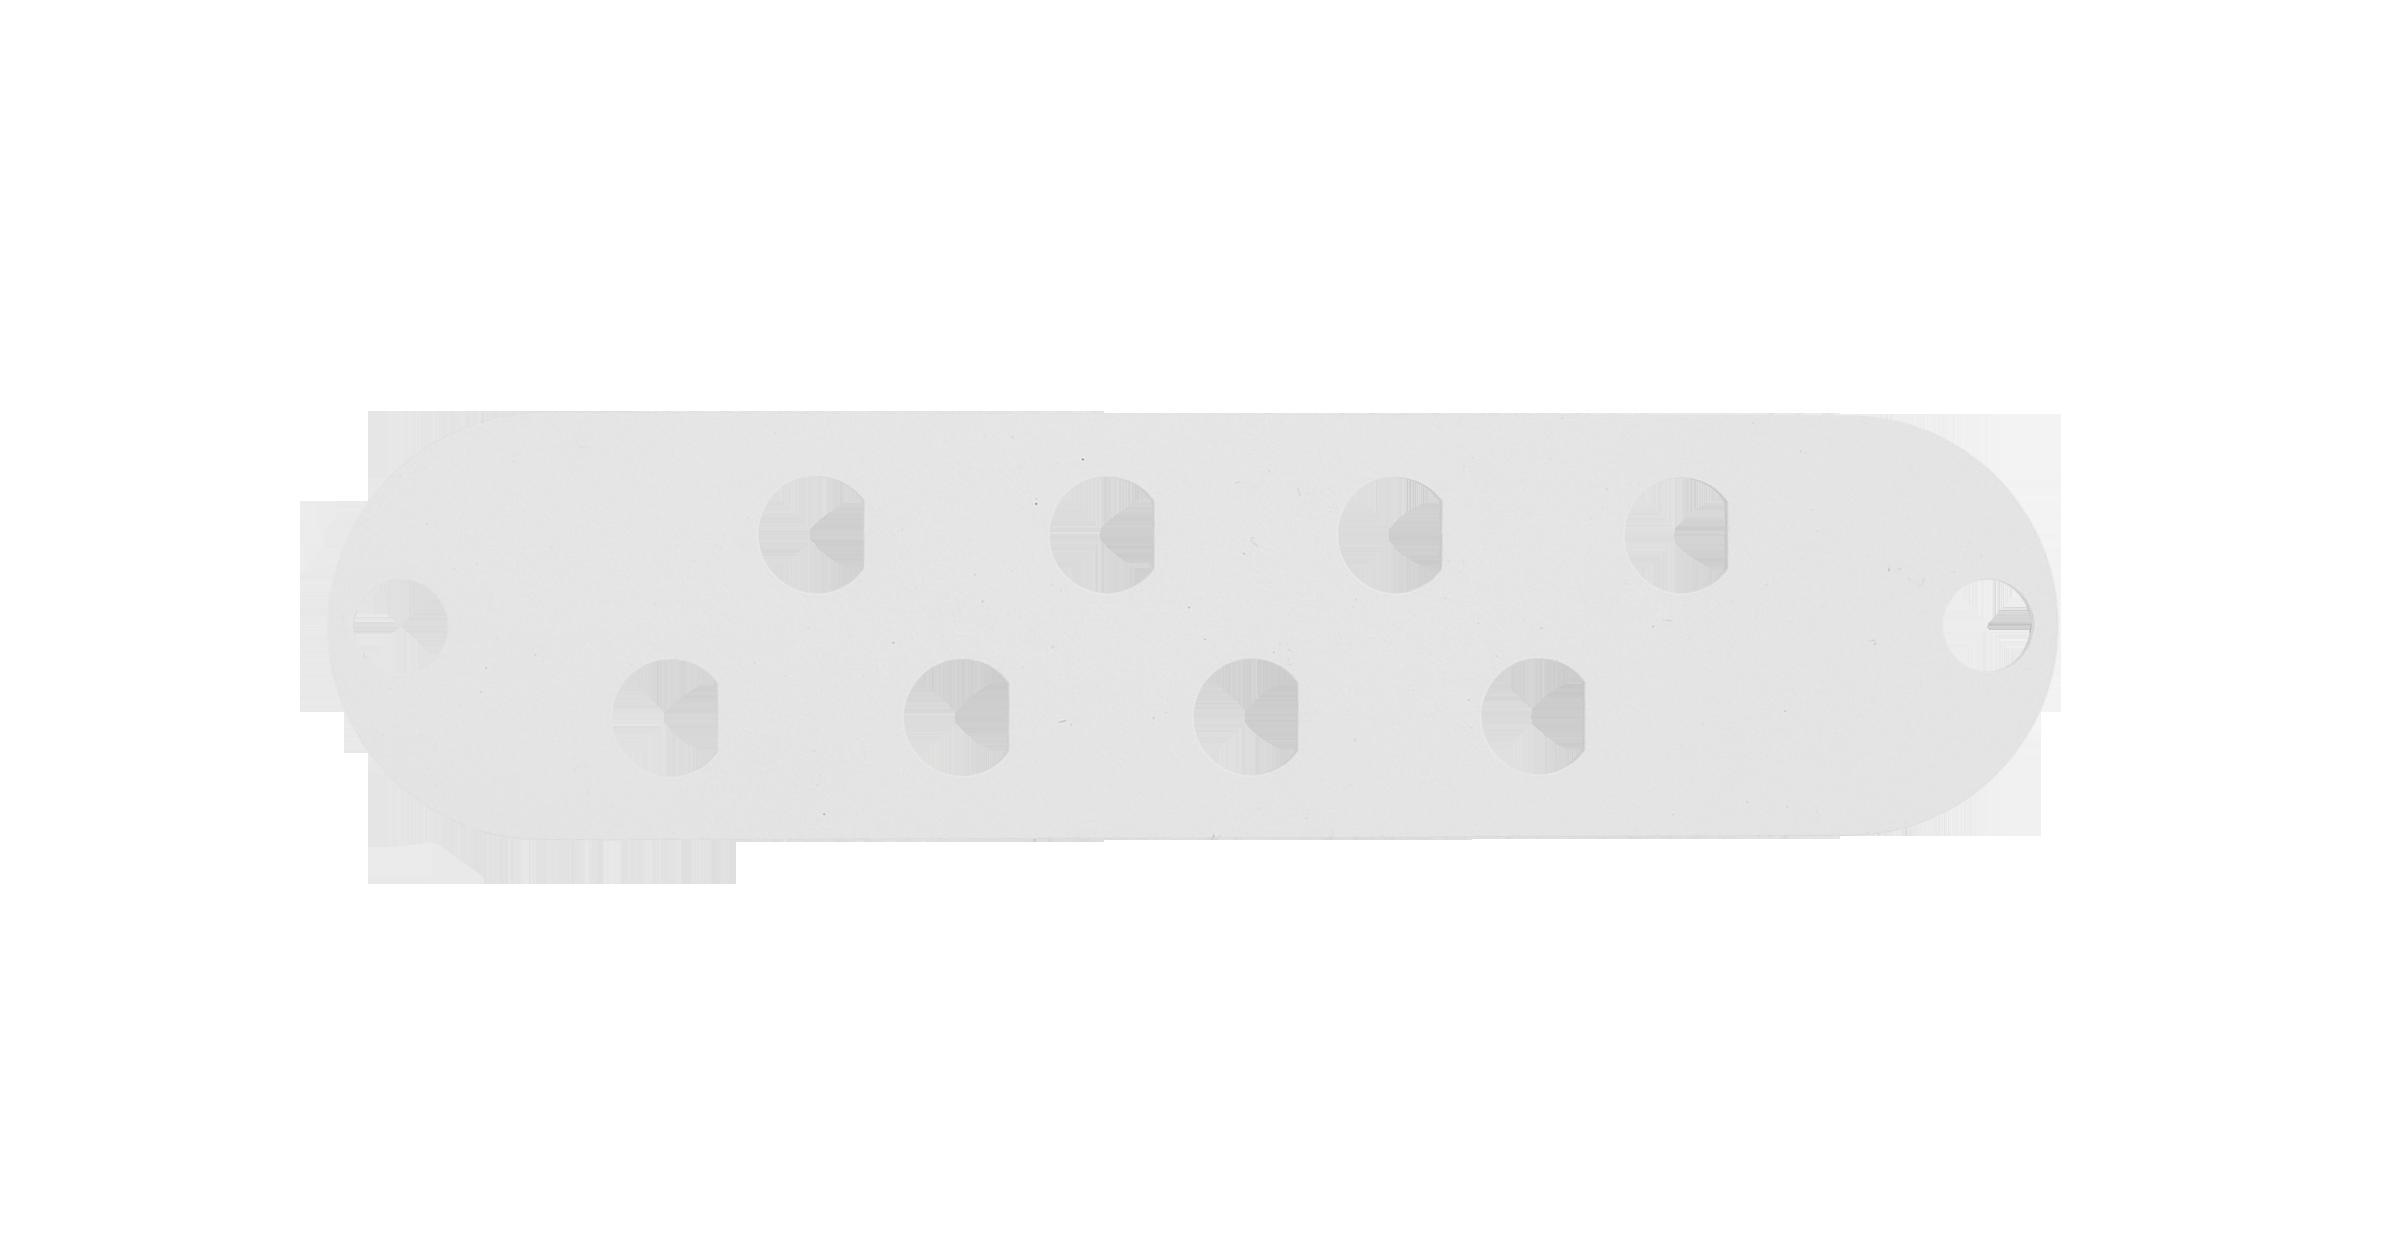 Адаптерная панель NIKOMAX TFI, до 8 одинарных адаптеров FC / одинарных адаптеров ST, стальная, серая